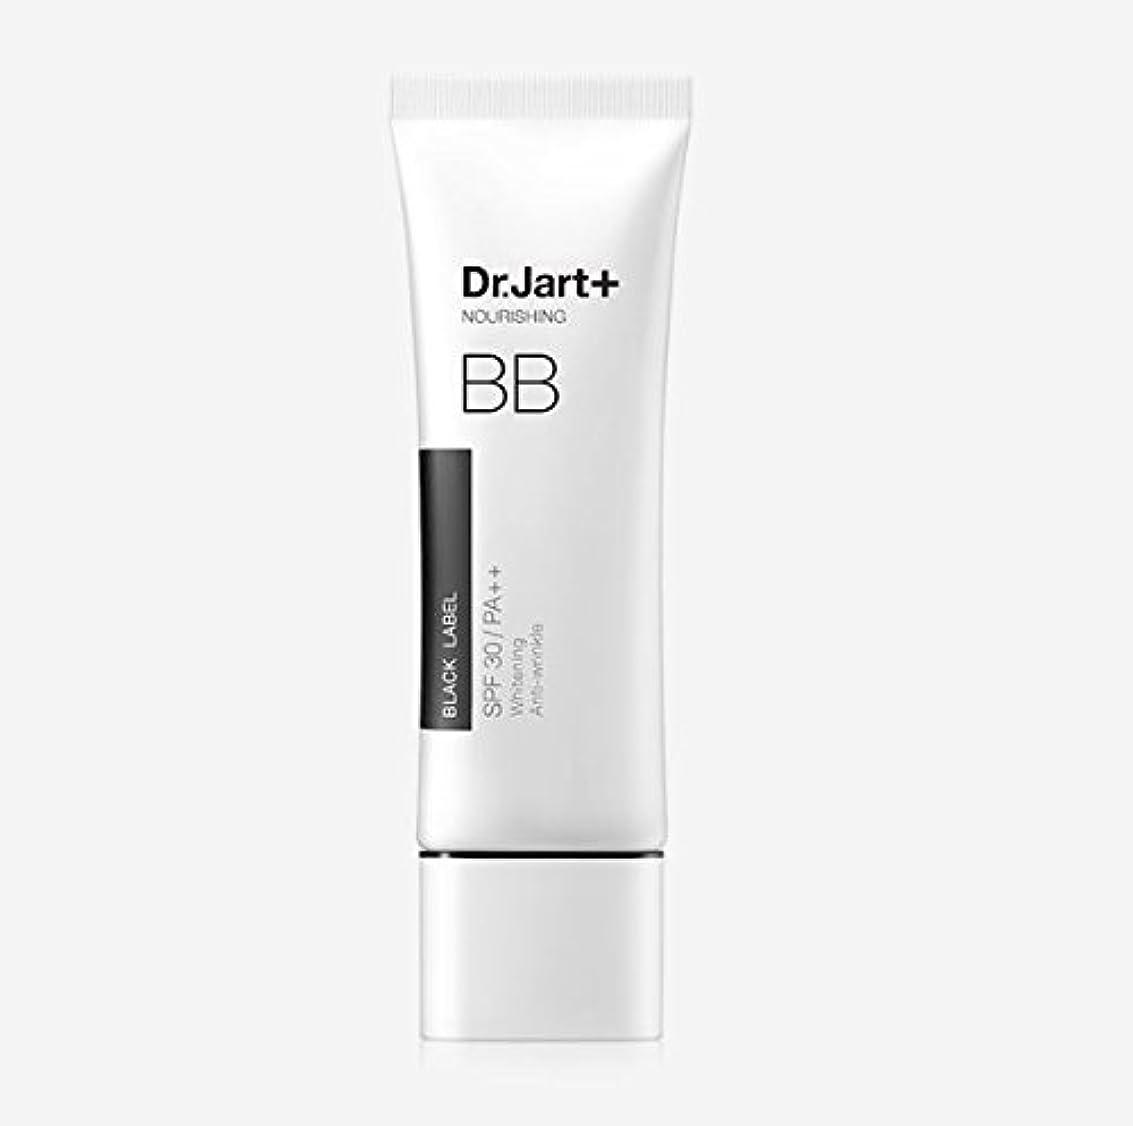 マイルドところでハッピー[Dr. Jart] Black Label BB Nourishing Beauty Balm 50ml SPF30 PA++/[ドクタージャルト] ブラックラベル BB ナリーシン ビューティー バーム 50ml SPF30...